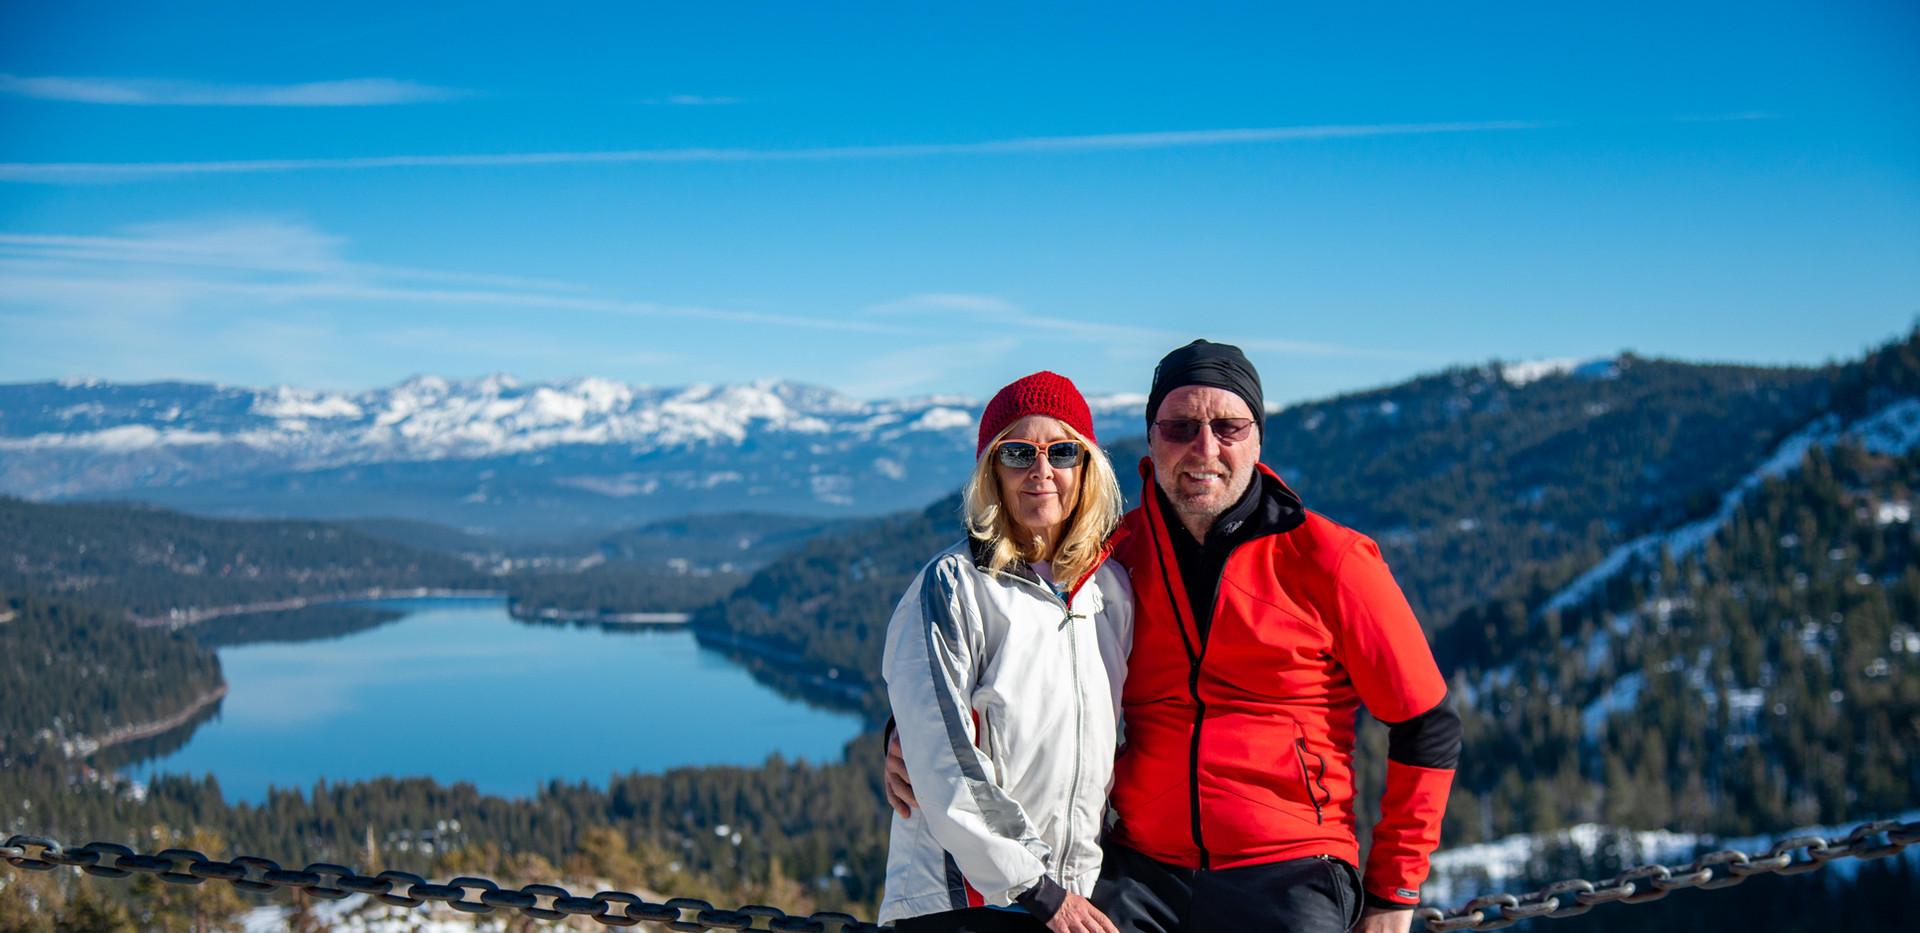 Laura and Allan at Donner Lake